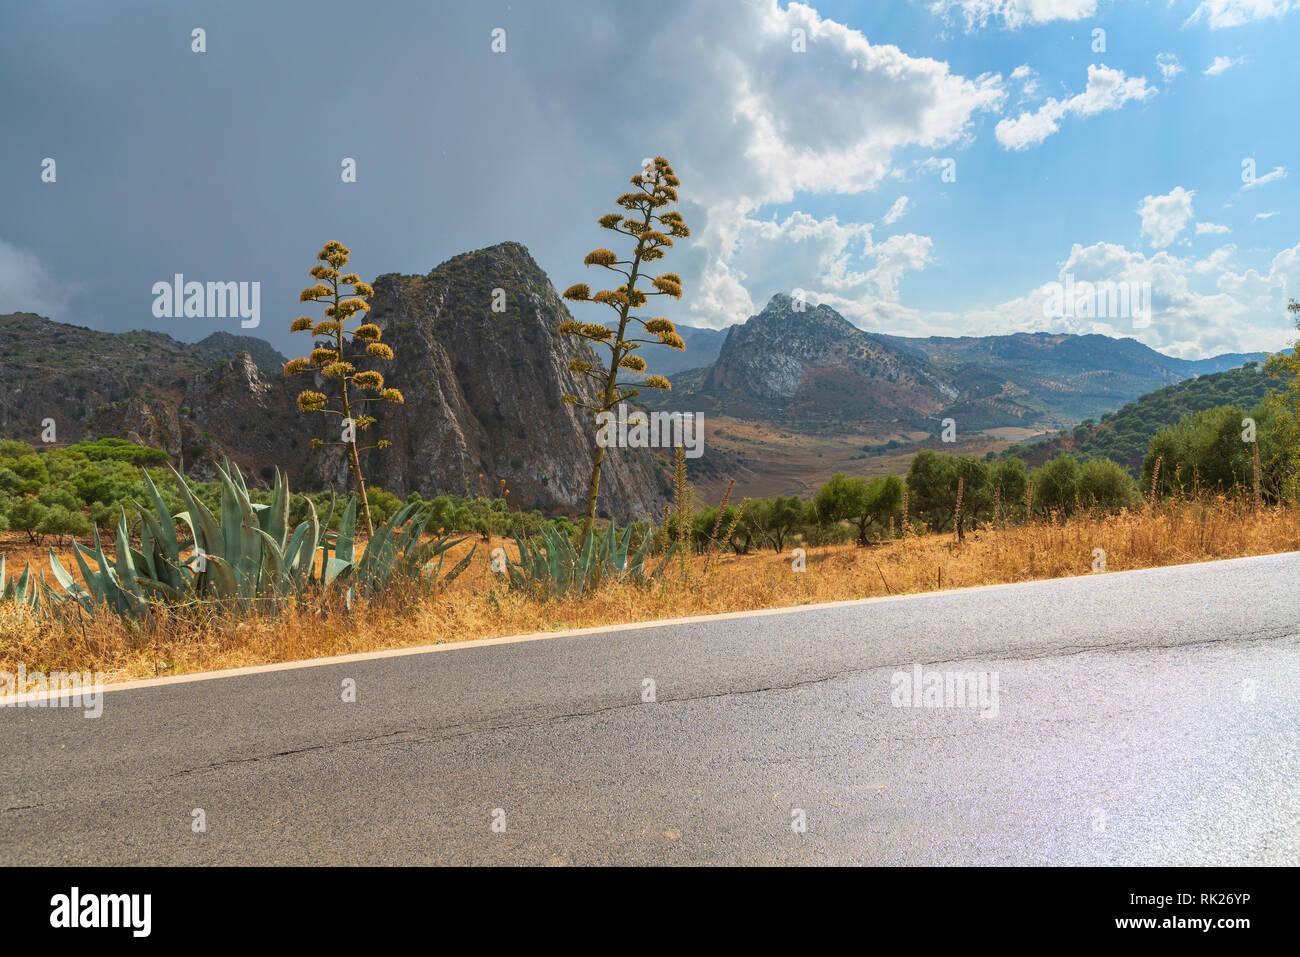 Road Ruta de los Pueblos Blancos towards the village of Montejaque, Serrania de Ronda, Malaga province, Andalusia, Spain - Stock Image